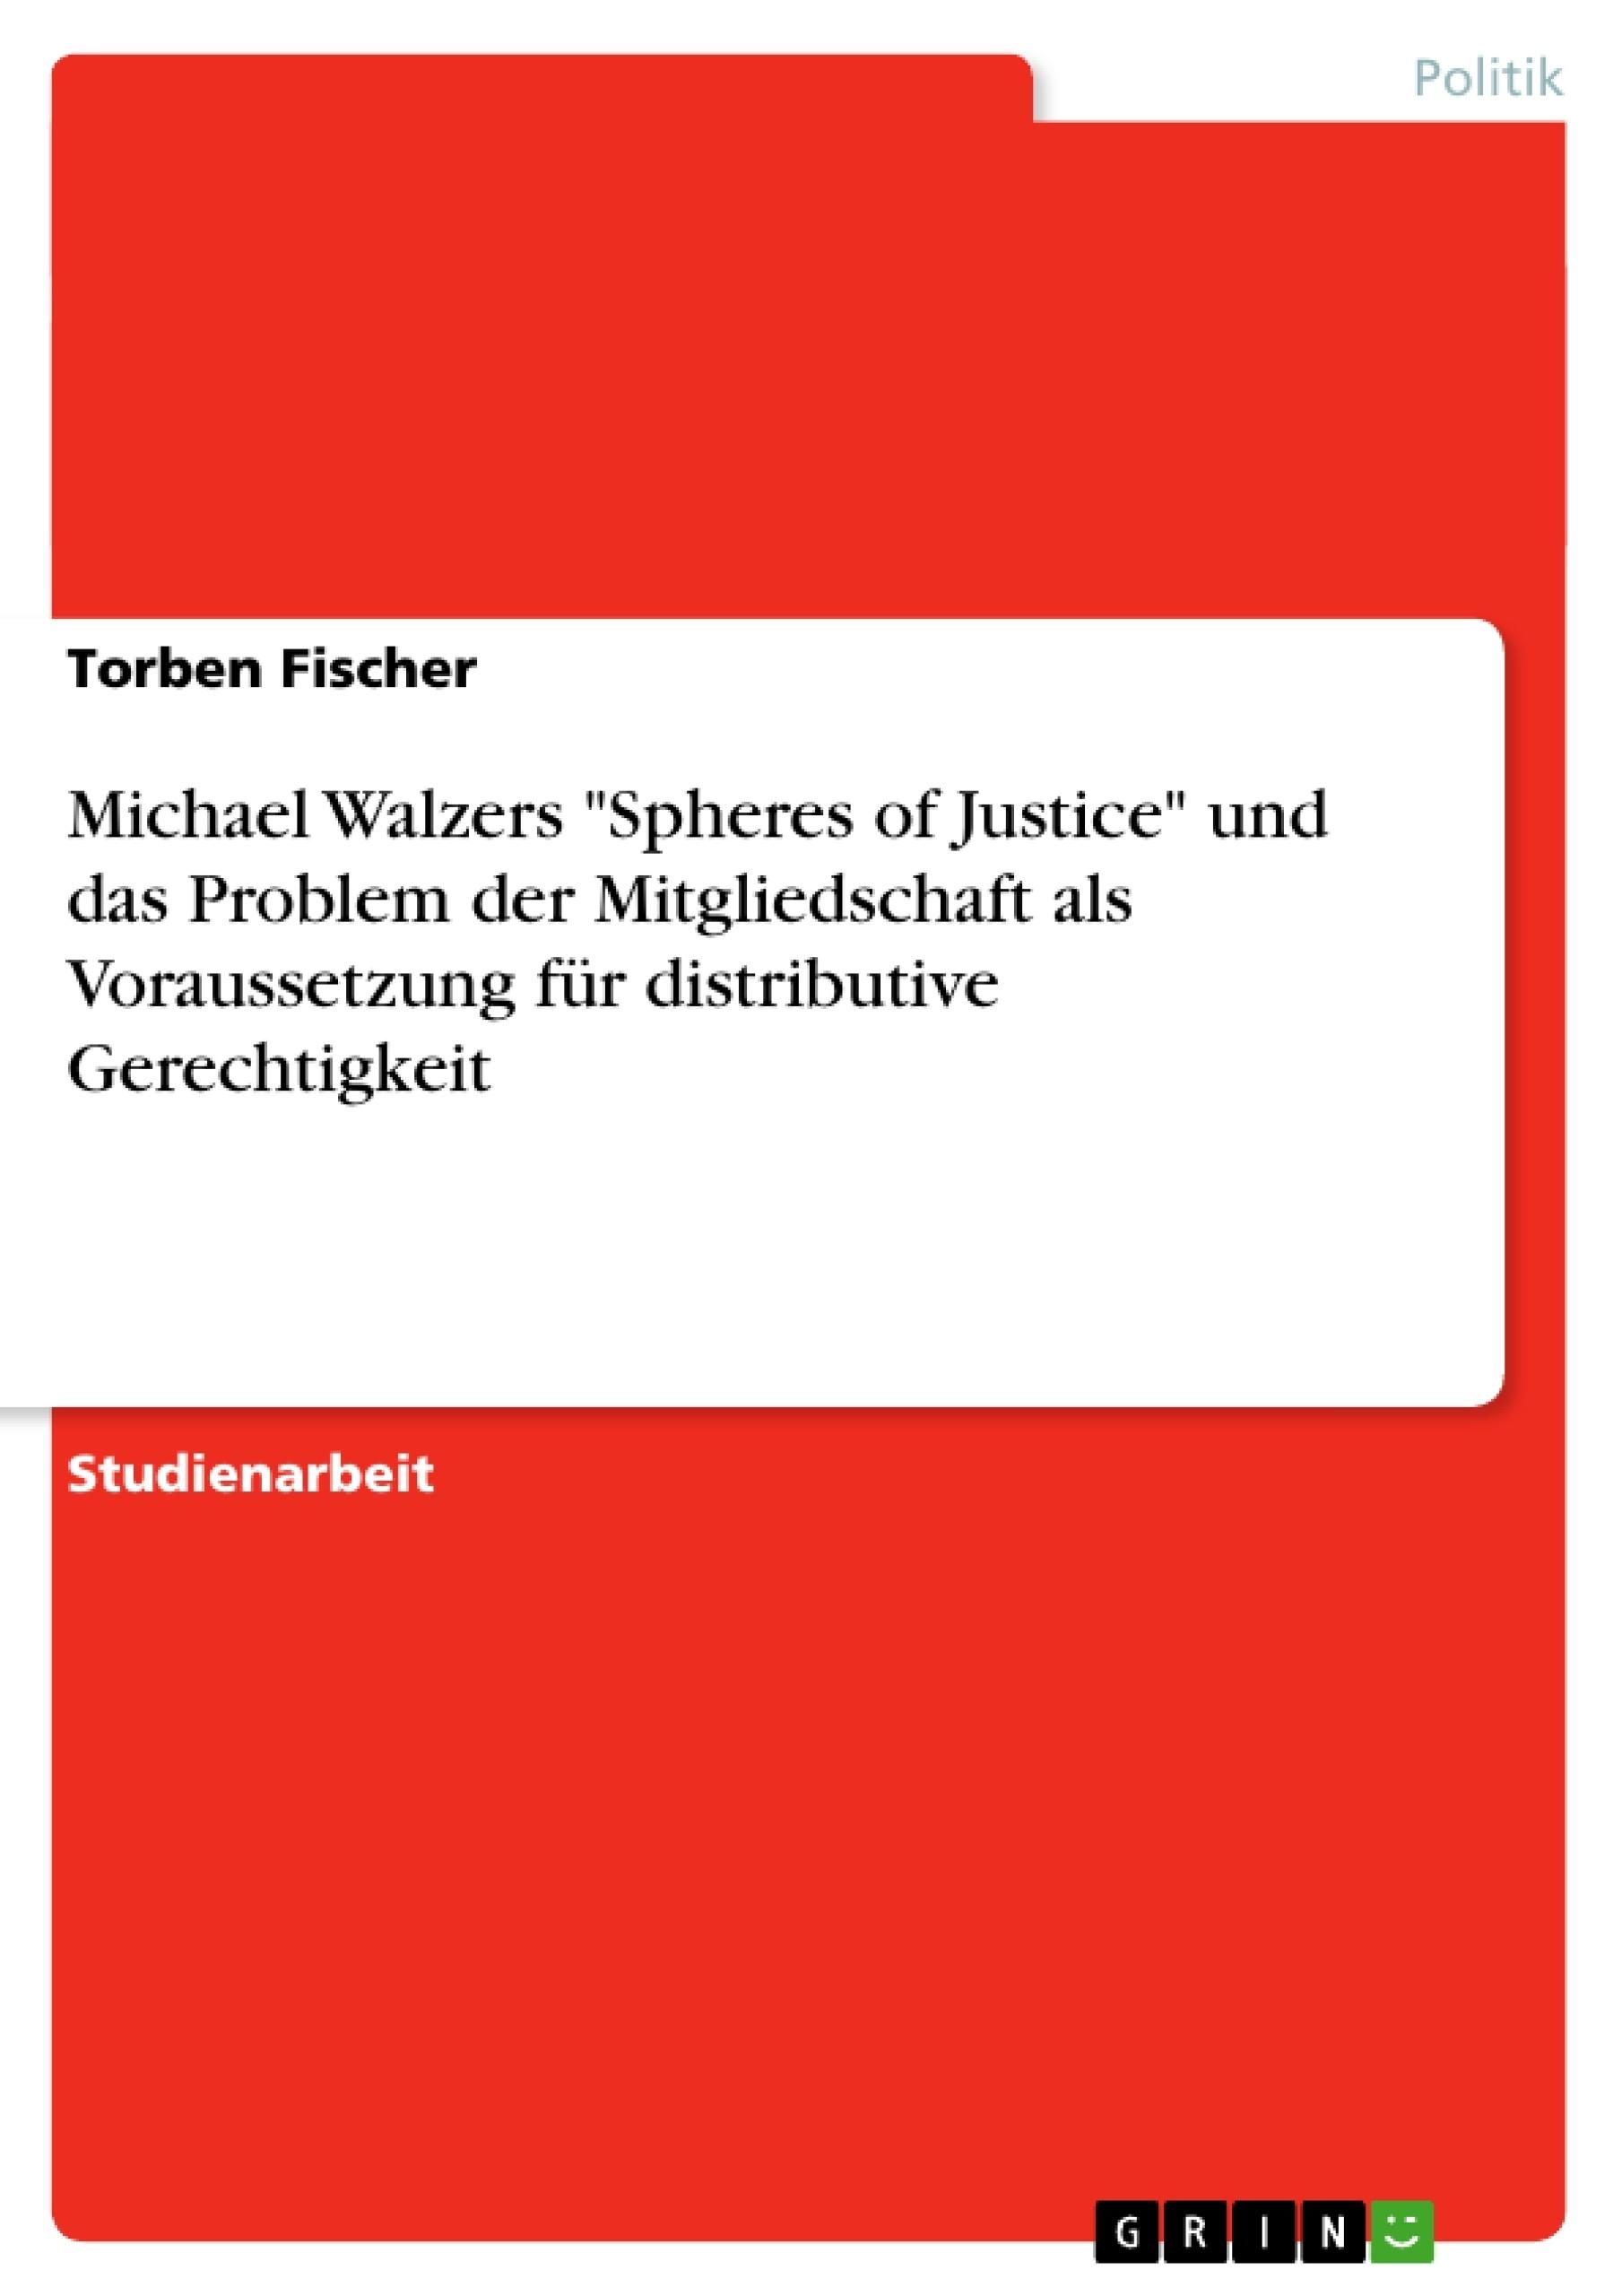 """Titel: Michael Walzers """"Spheres of Justice"""" und das Problem der Mitgliedschaft als Voraussetzung für distributive Gerechtigkeit"""